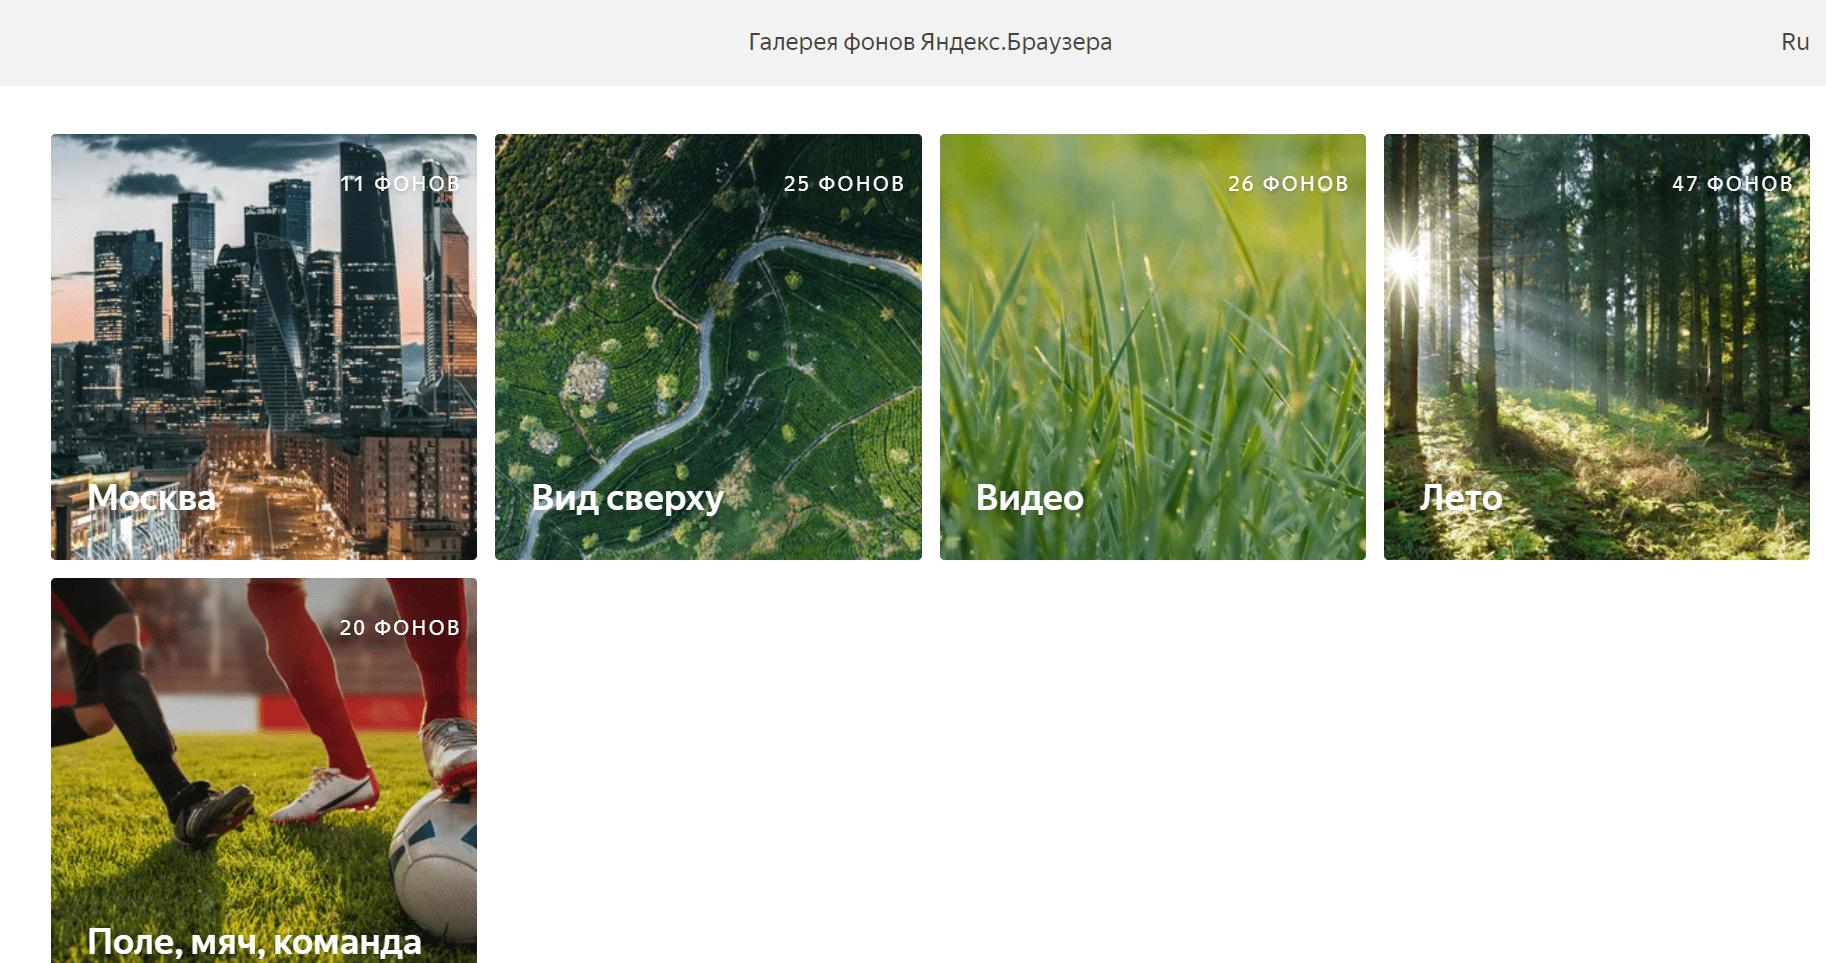 гелерея фонов в яндекс браузере